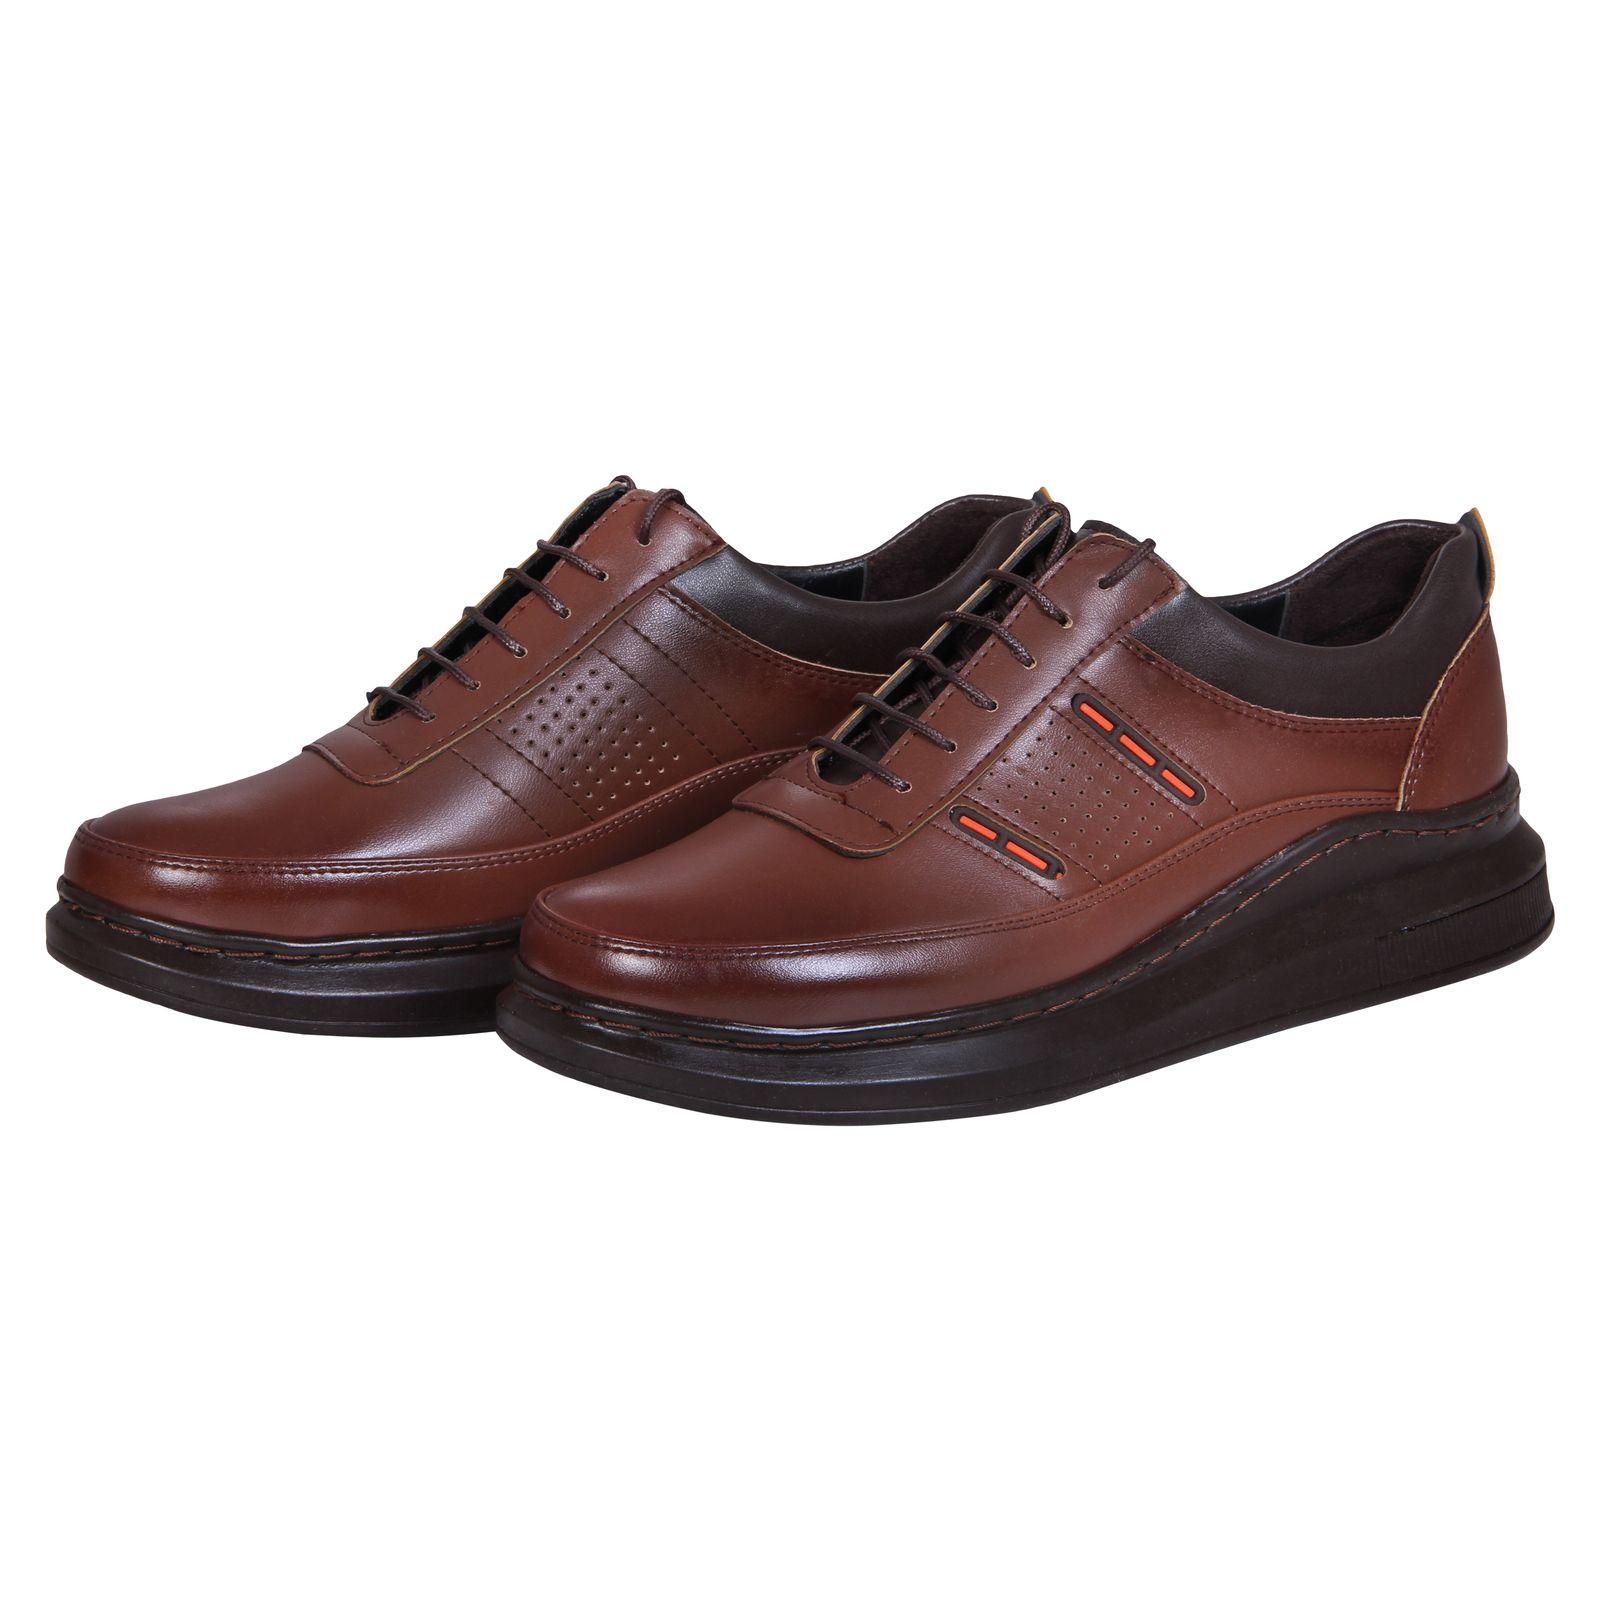 کفش روزمره مردانه کد 6-39923 -  - 3